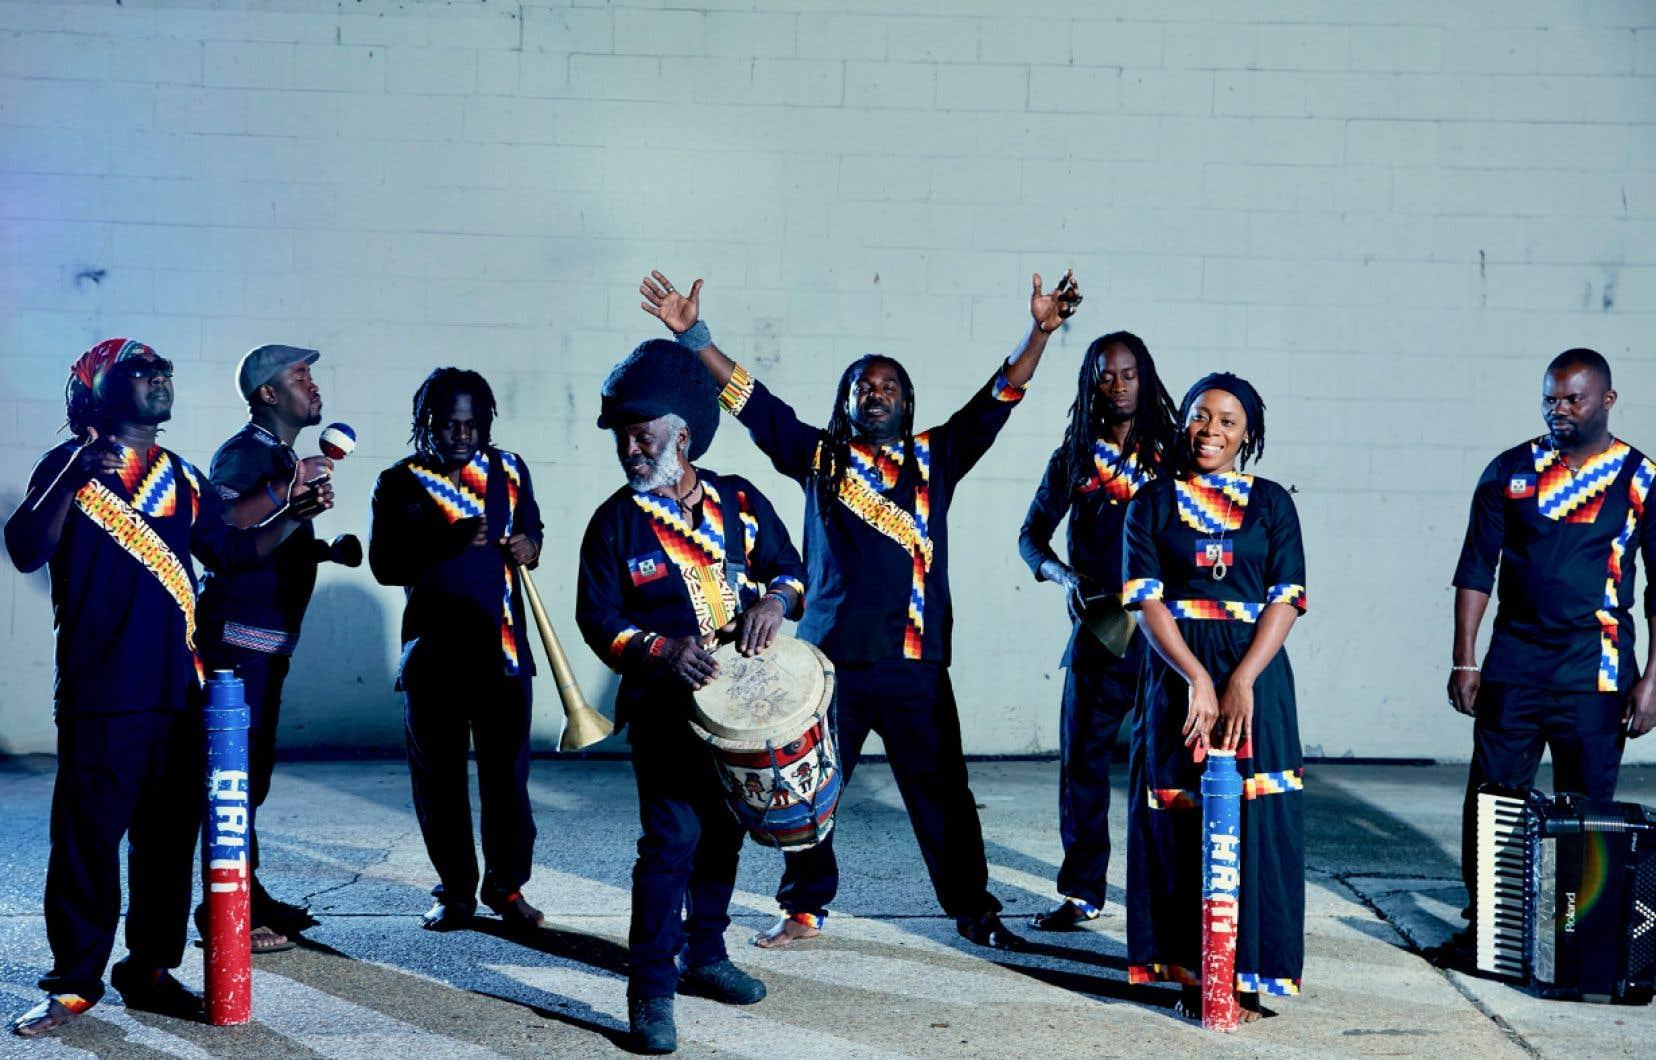 Lakou Mizik est le groupe à qui le légendaire Boukman Eksperians a tendu le flambeau d'honorer les racines musicales vaudoues et folkloriques d'Haïti.